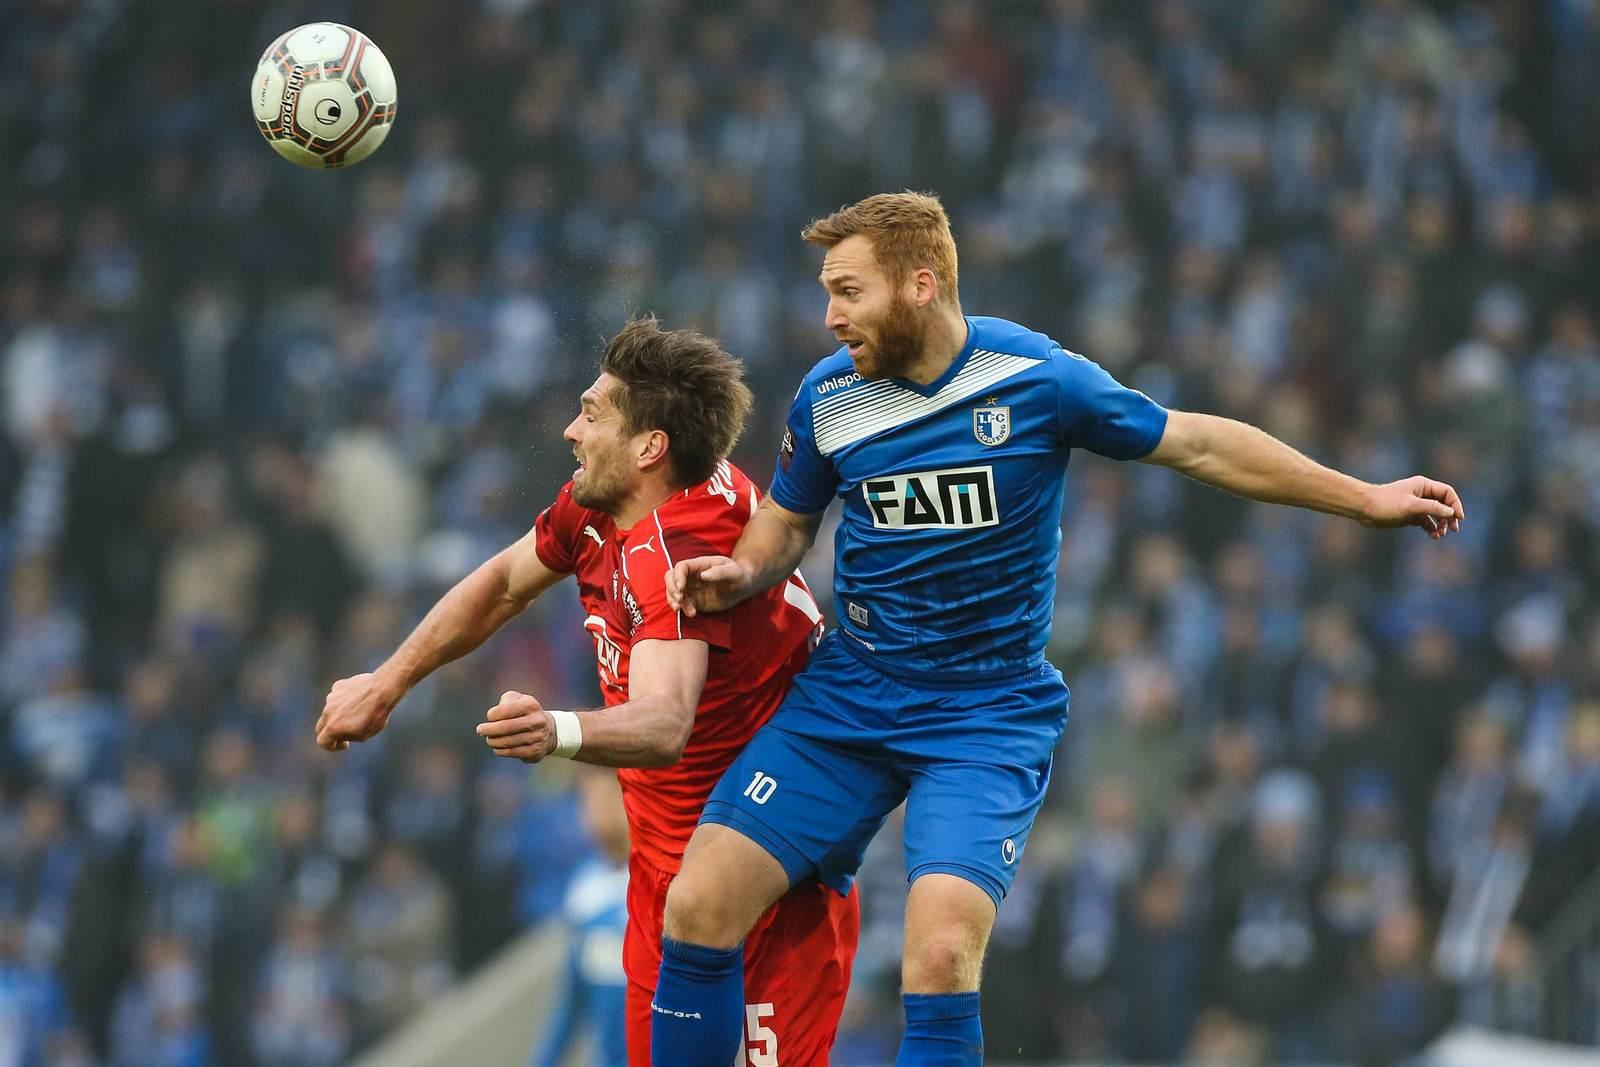 Zwickaus Ronny König im Duell mit Nico Hammann vom 1. FC Magdeburg. Jetzt auf die Partie Zwickau gegen Magdeburg wetten